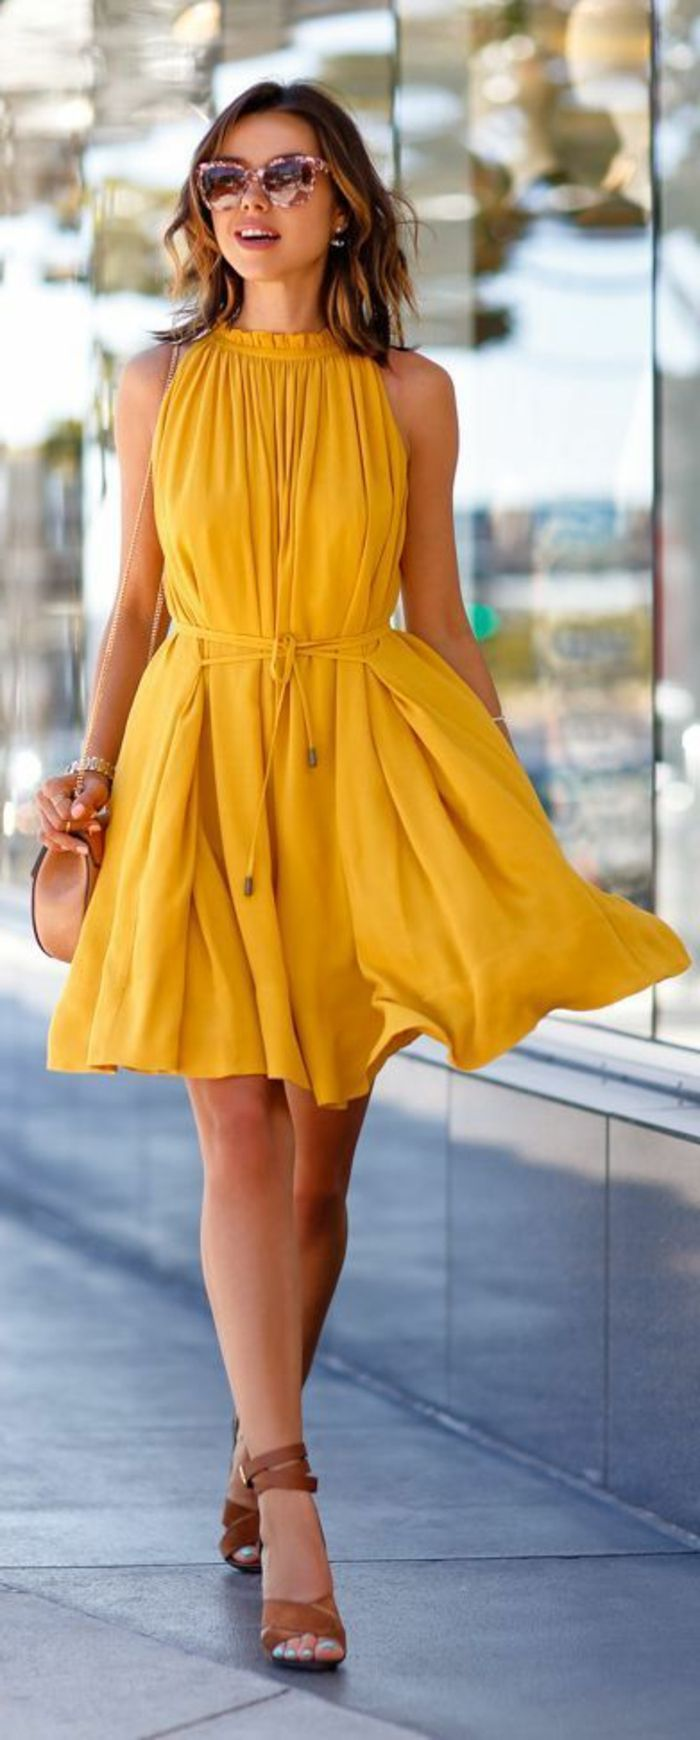 Robe jaune classe